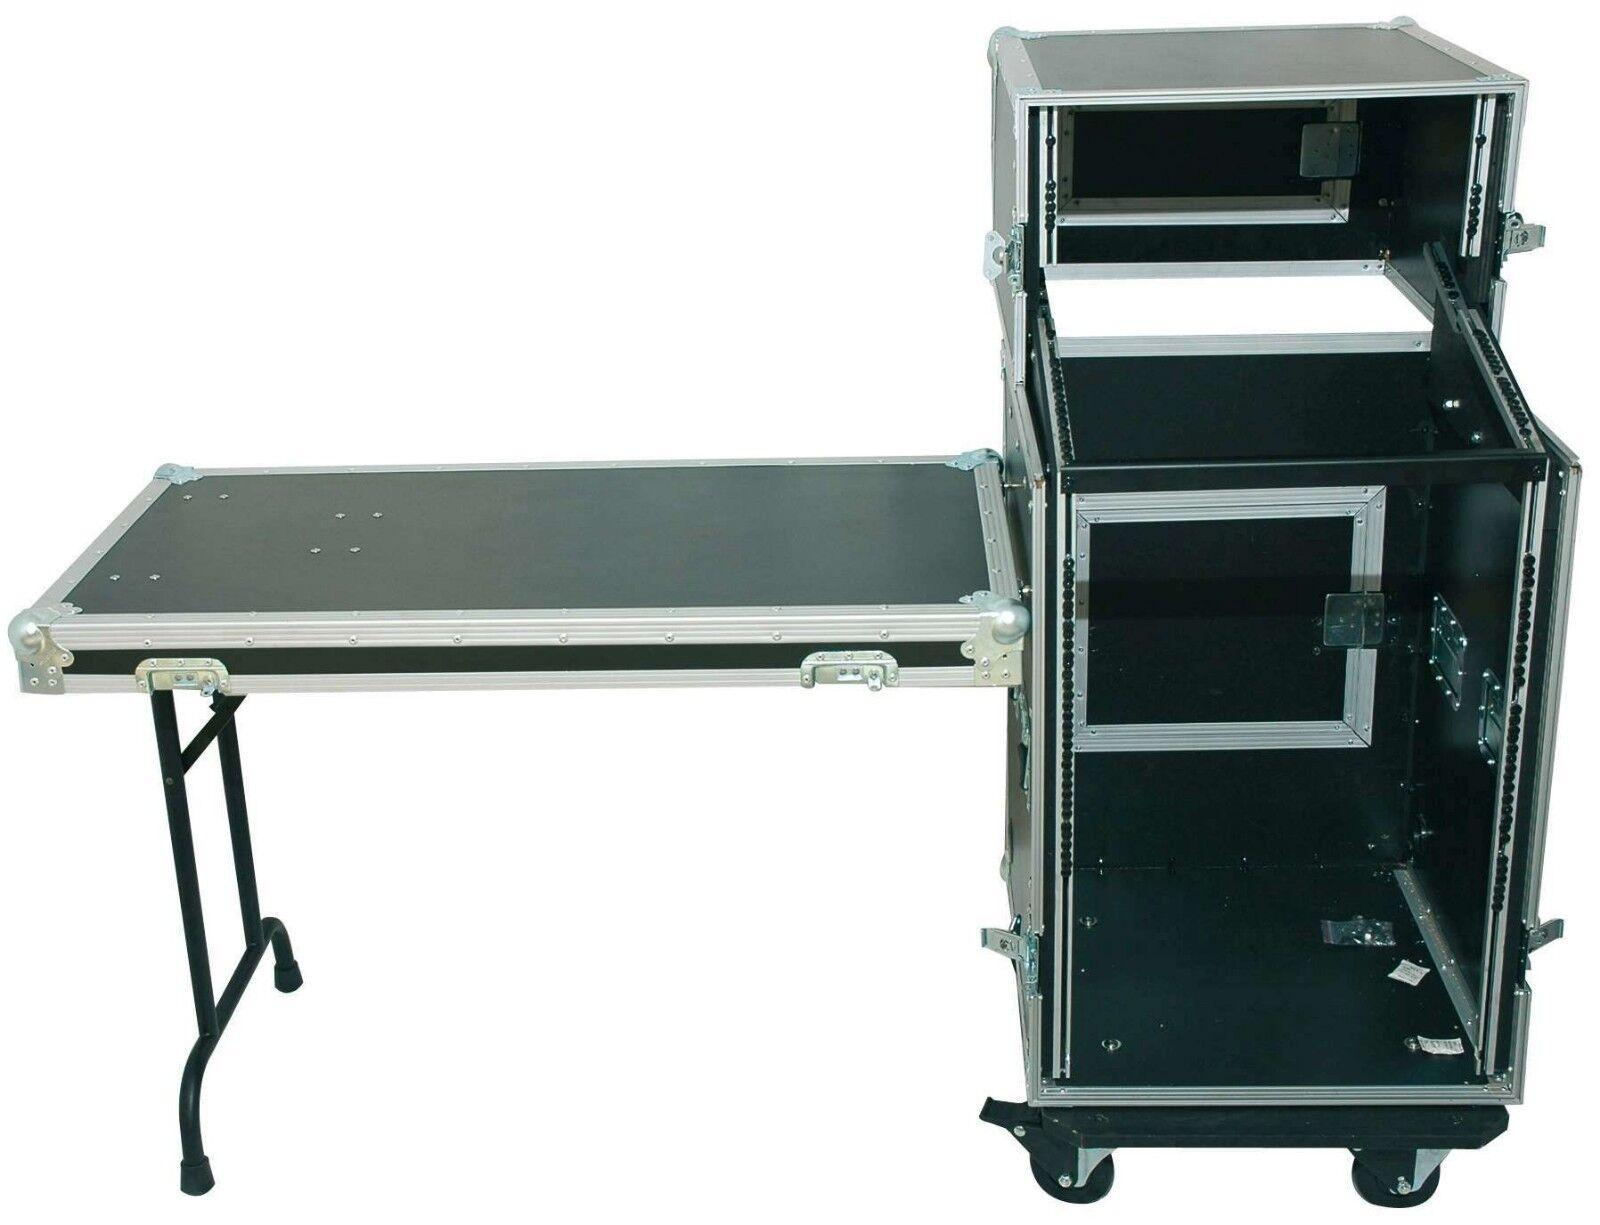 TEGO PRO 5 16 HE Kombicase mit Tisch Winkelrack All in One DJ Rack DJ-Flex Case